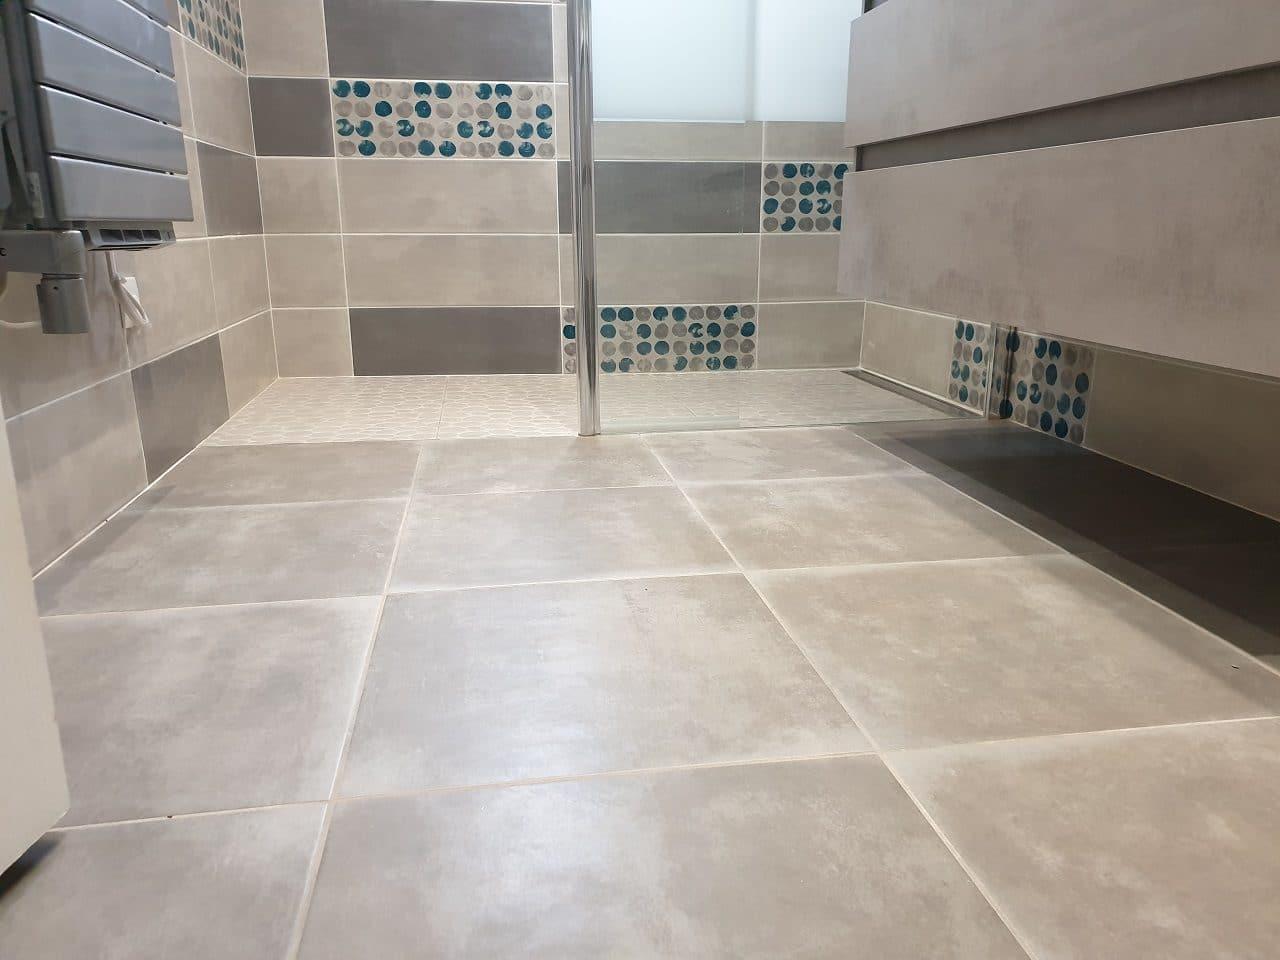 rénovation de salle de bain près d'Agen : carrelage au sol